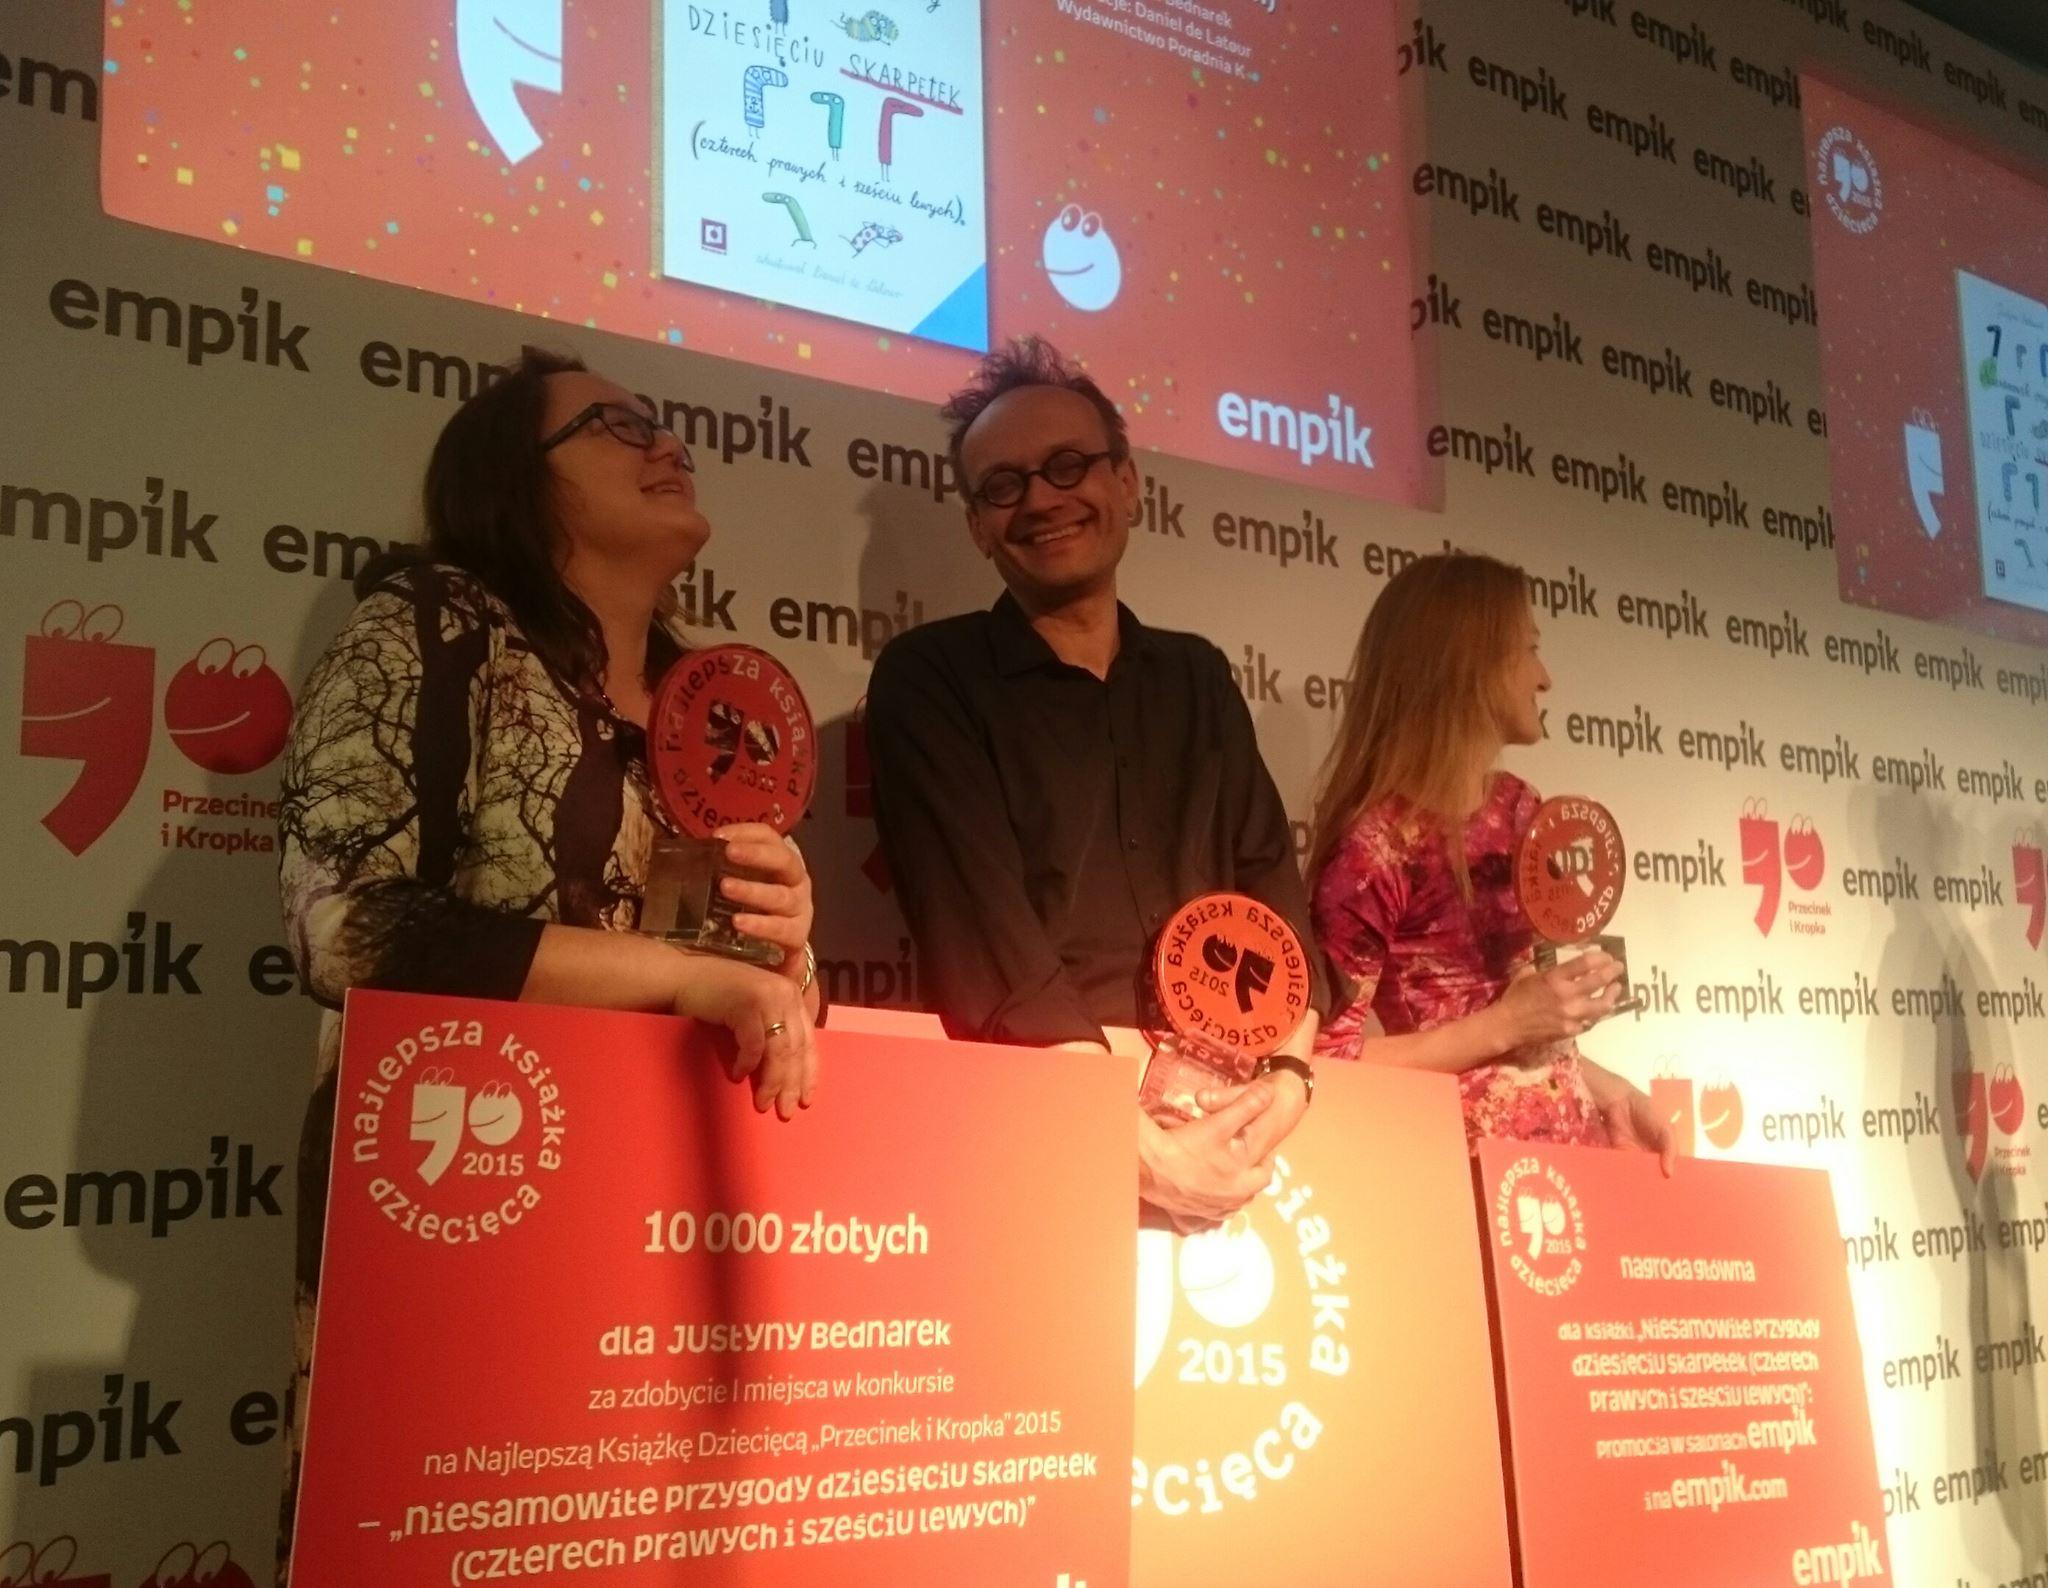 Przecinek i Kropka - wyniki konkursu Empiku